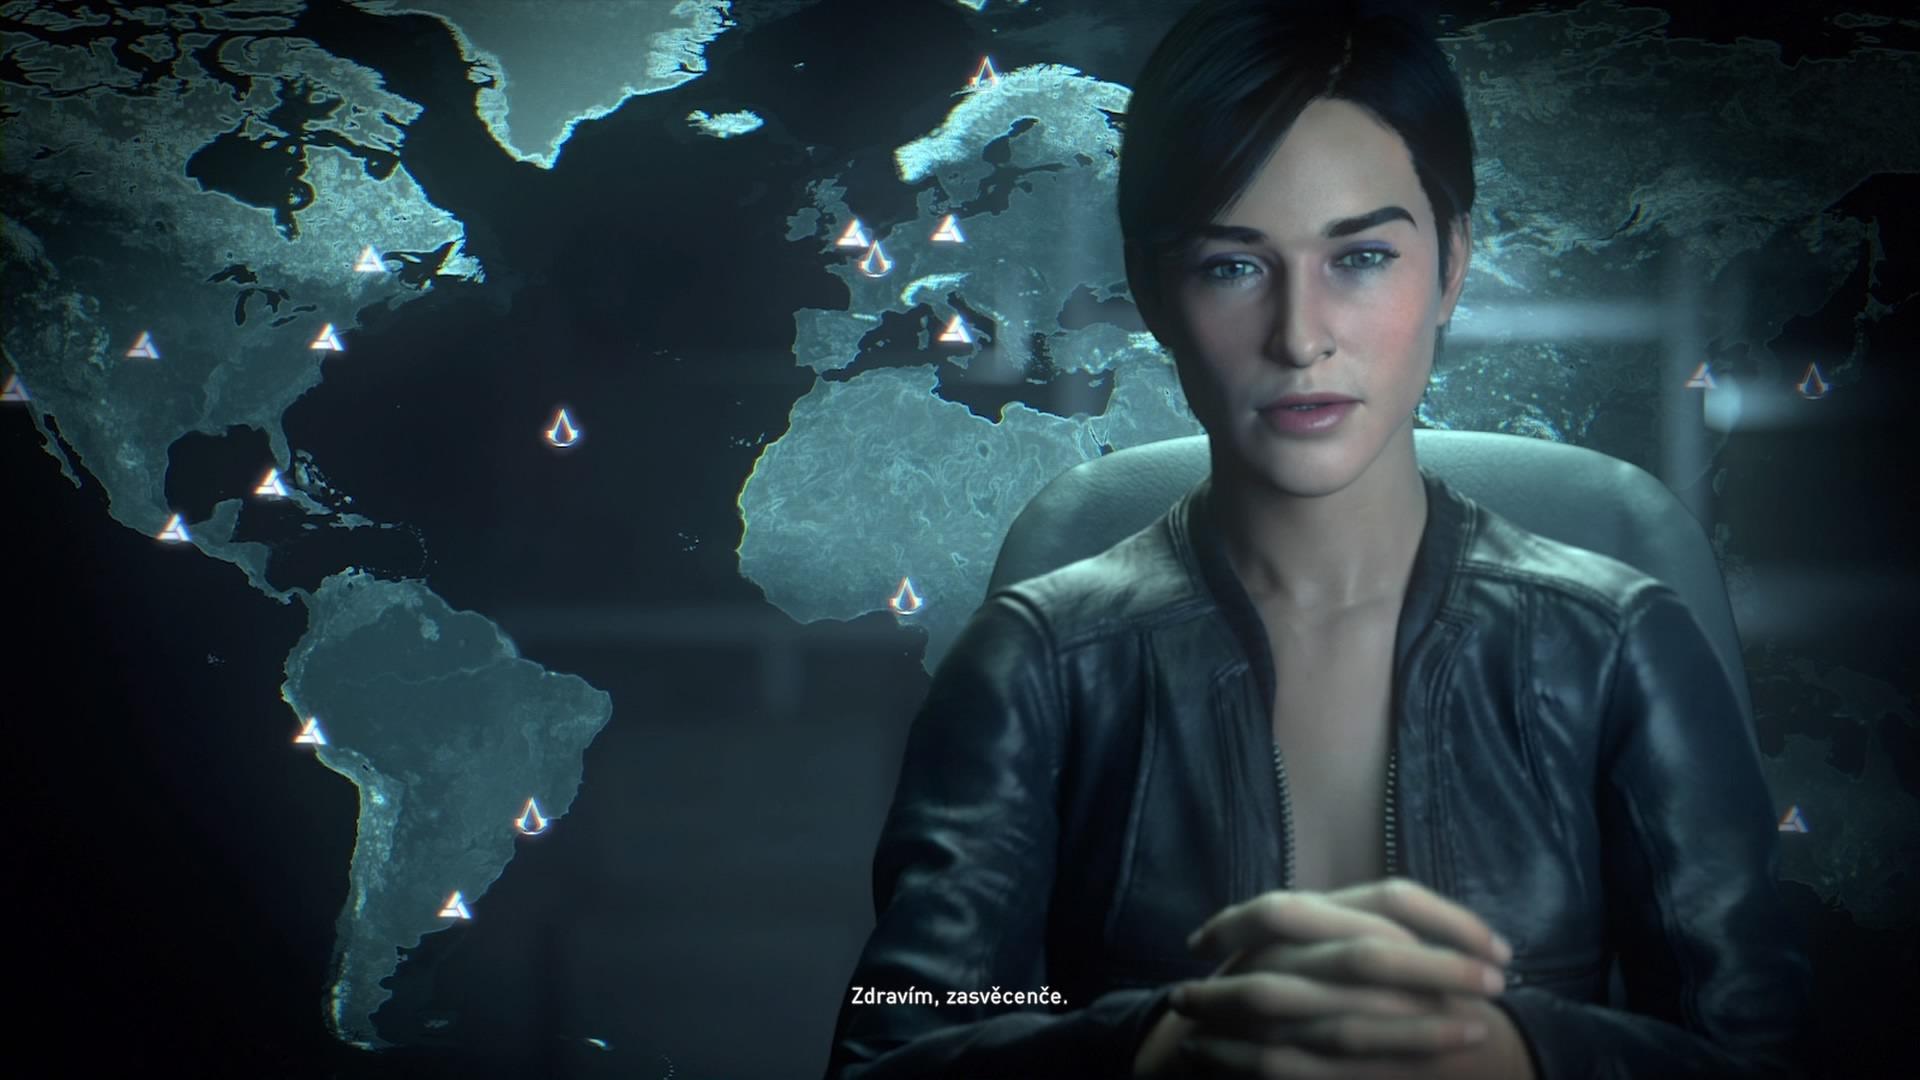 Čeština v Assassin's Creed: Syndicate je kompletní 115326